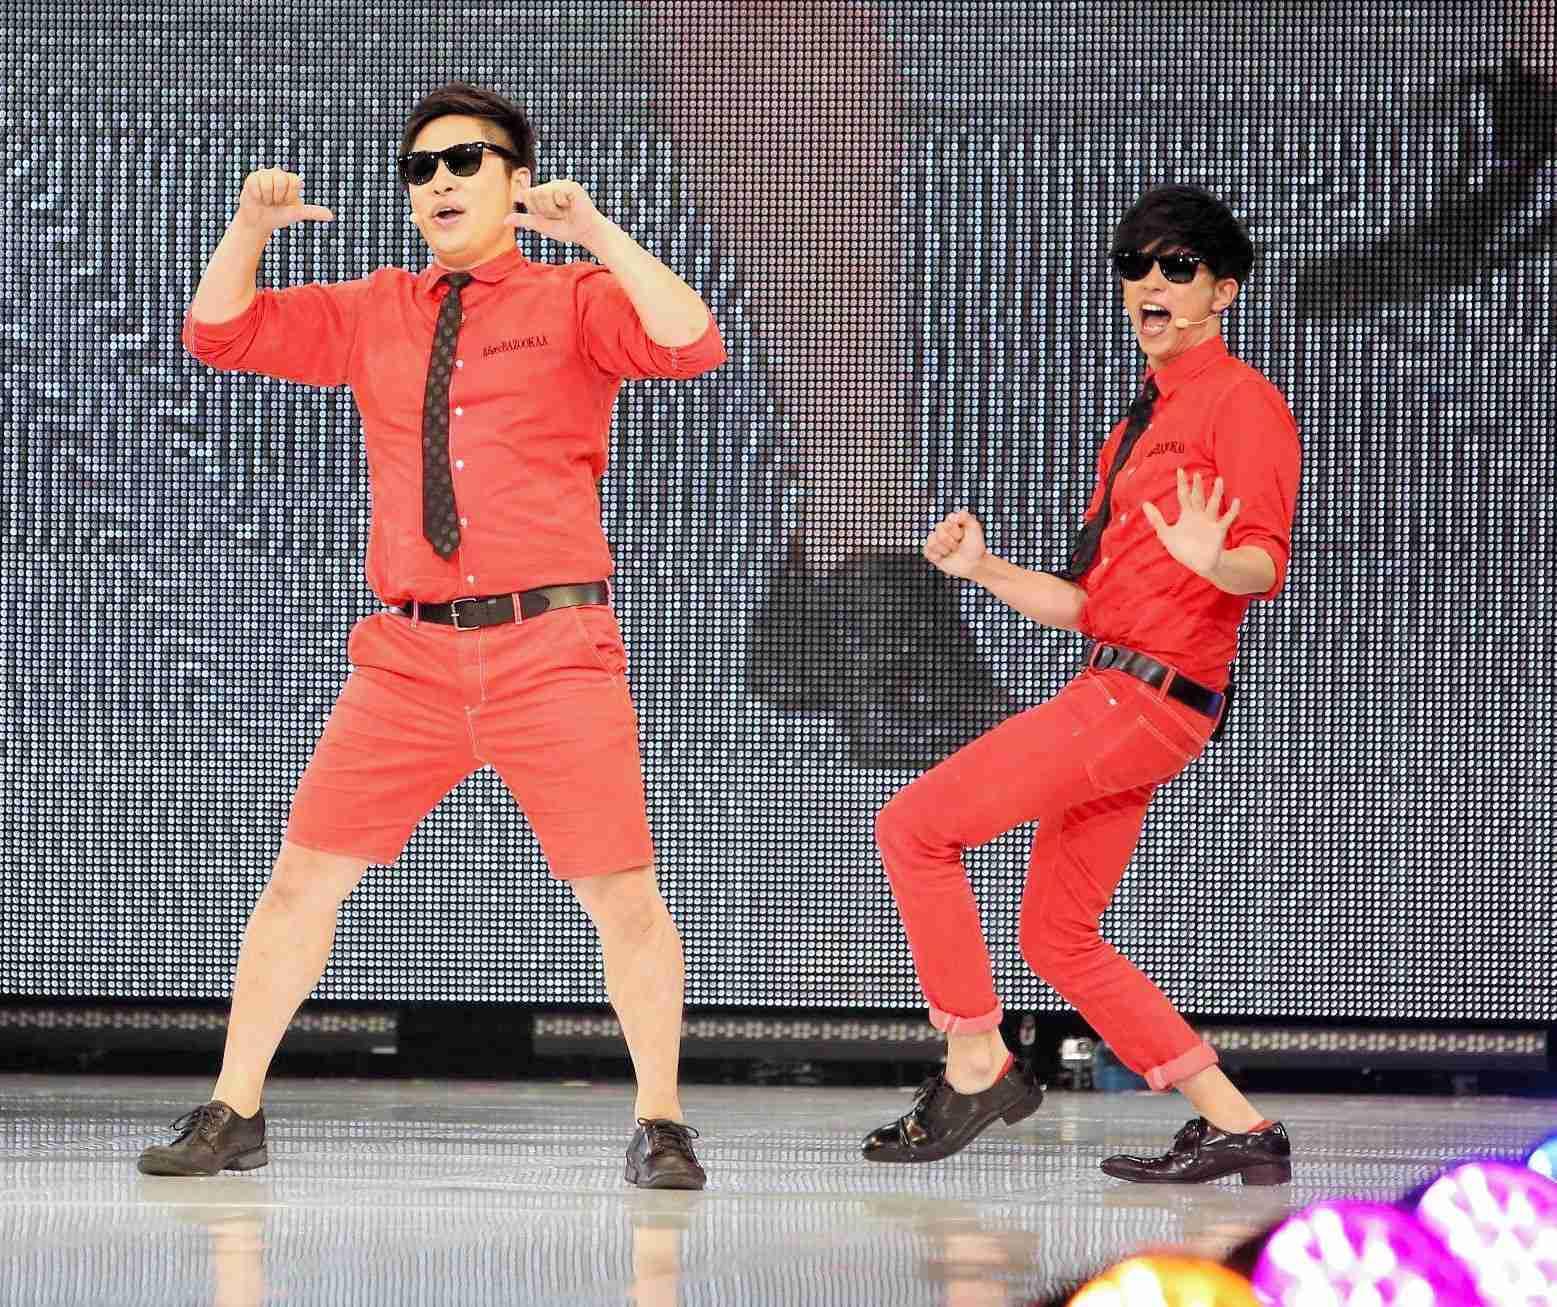 たけし「ラッスンゴレライ」を「バカ大学の文化祭」とバッサリ…30秒で強制終了 (デイリースポーツ) - Yahoo!ニュース